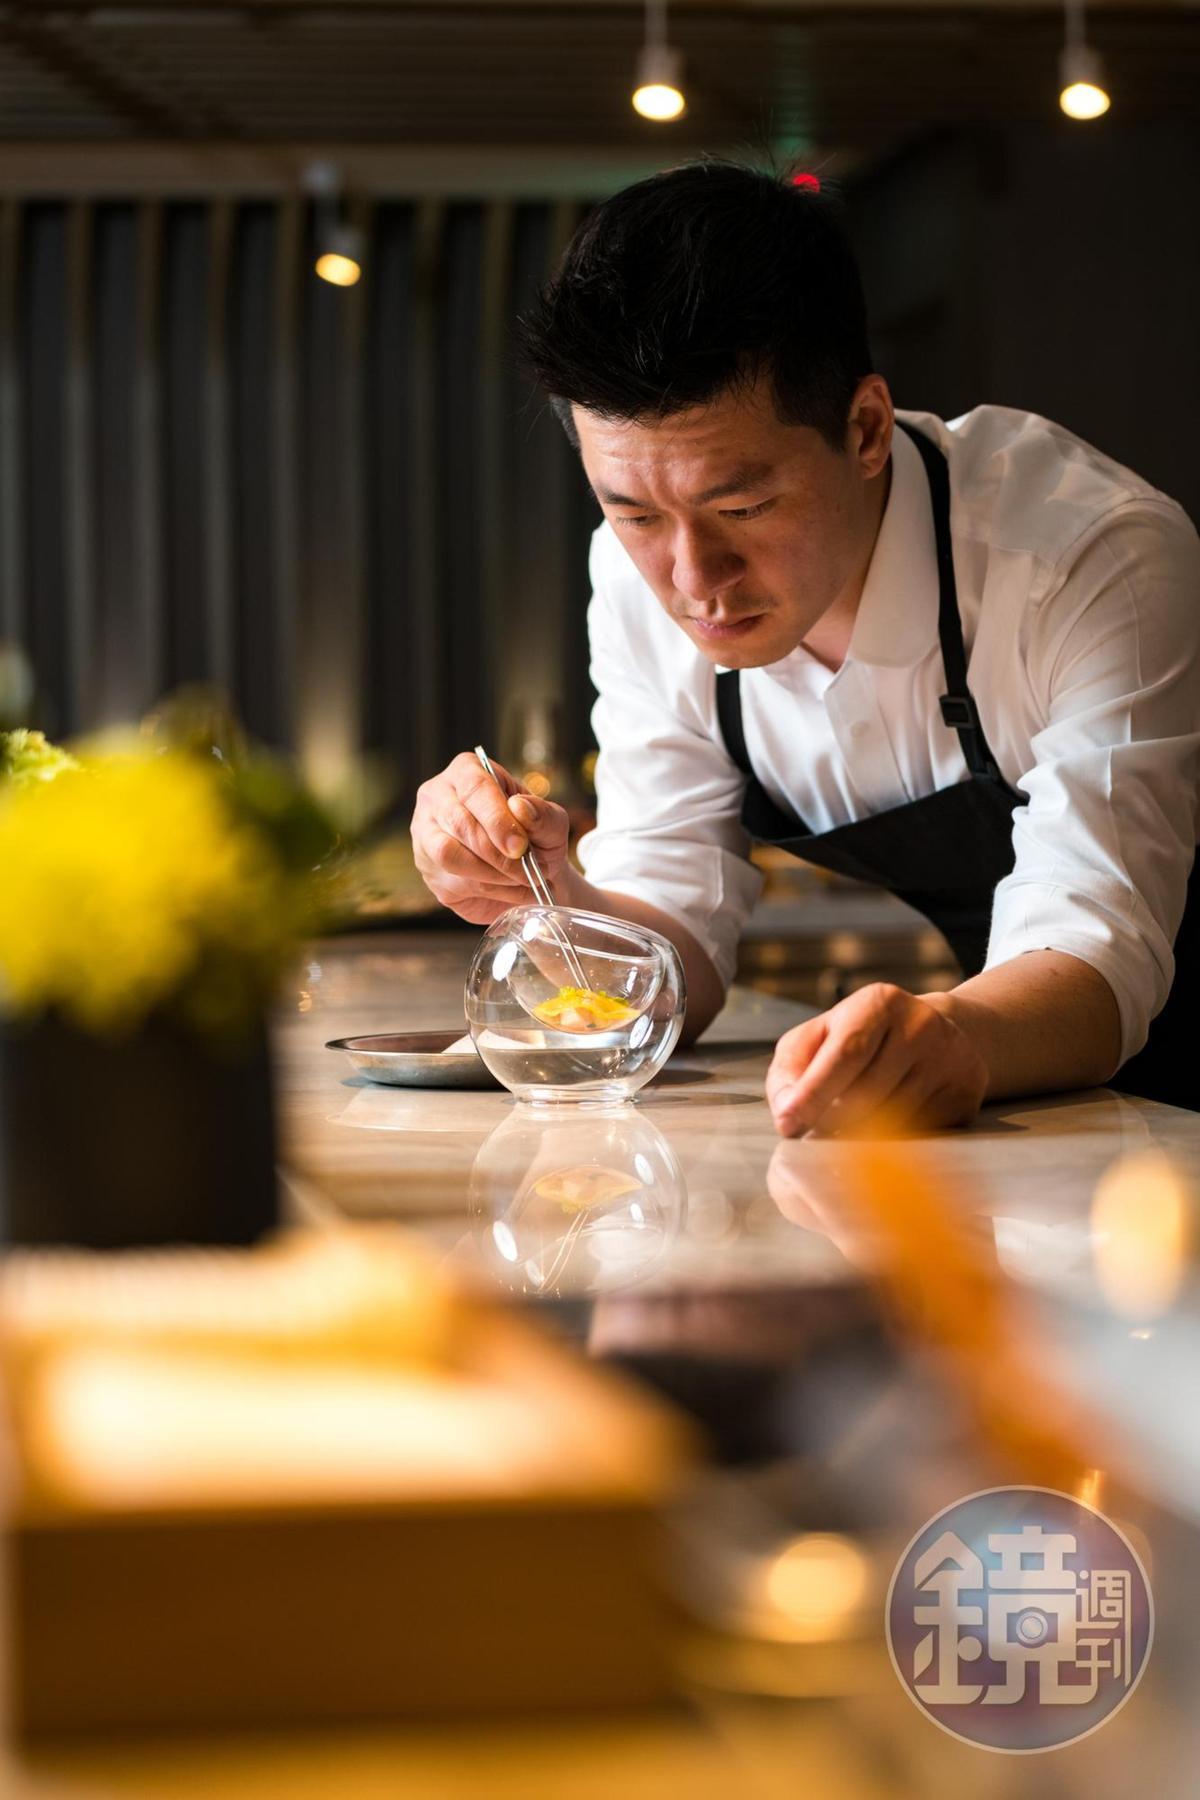 曾在美國米其林星餐廳擔任主廚的李皞(Paul Lee),跨刀為「比歐緻居」精品飯店擔任餐飲顧問。